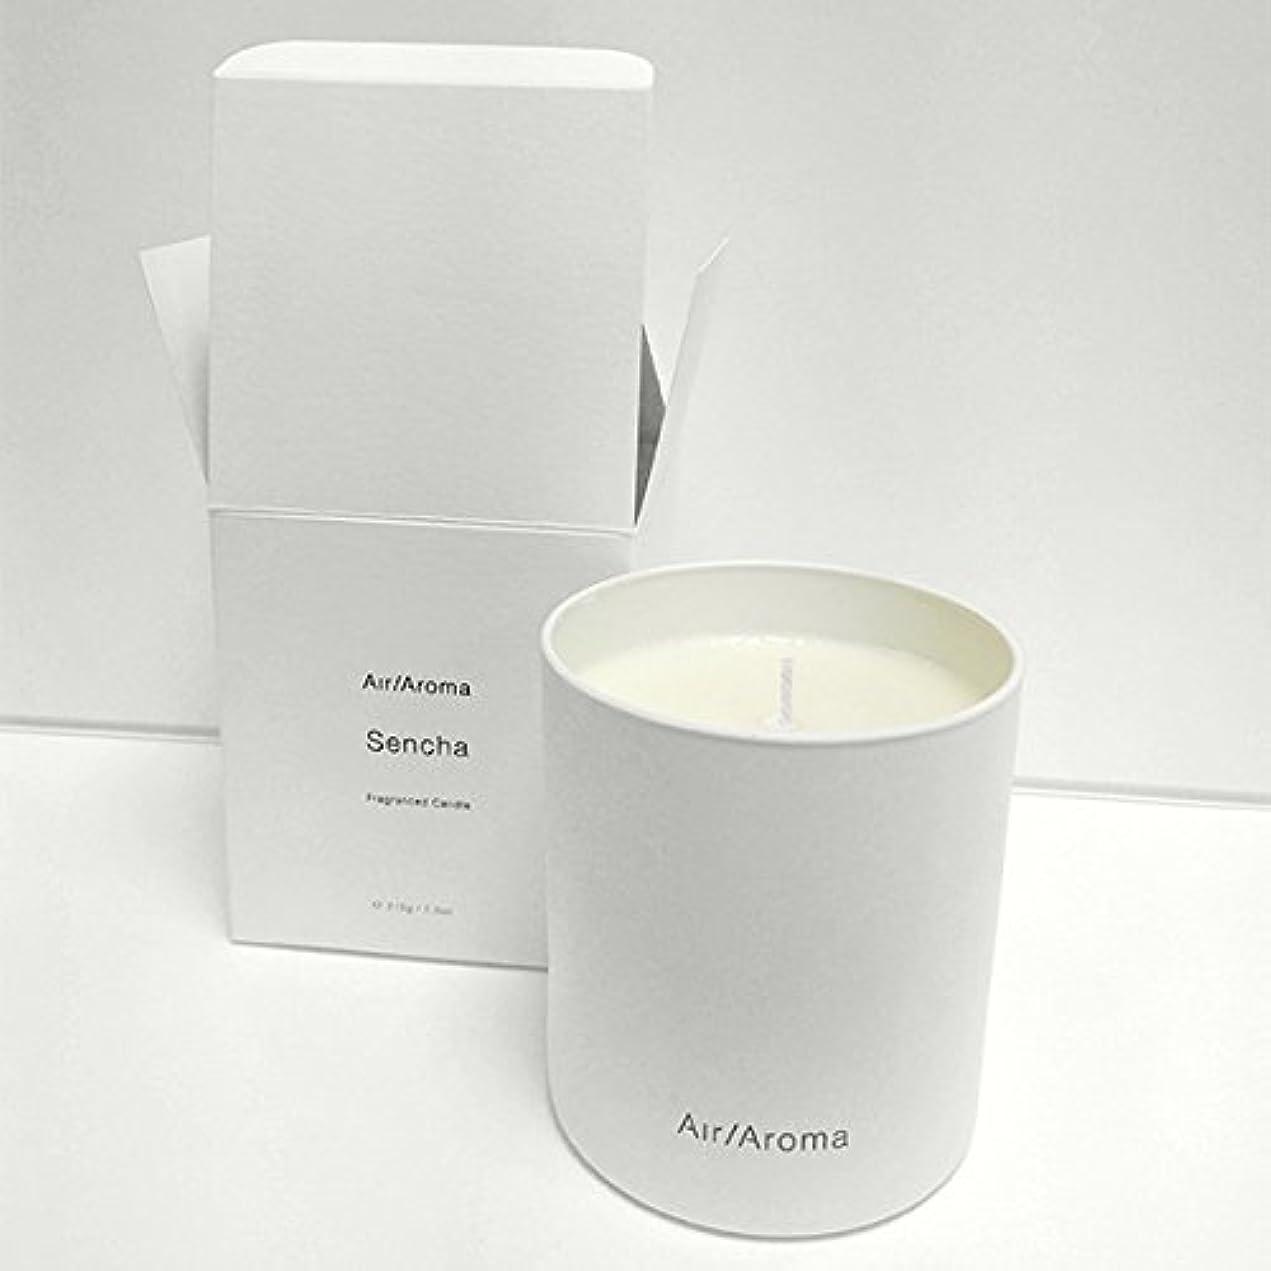 爆発香港眠いですsencha aroma candle (センチャアロマキャンドル)